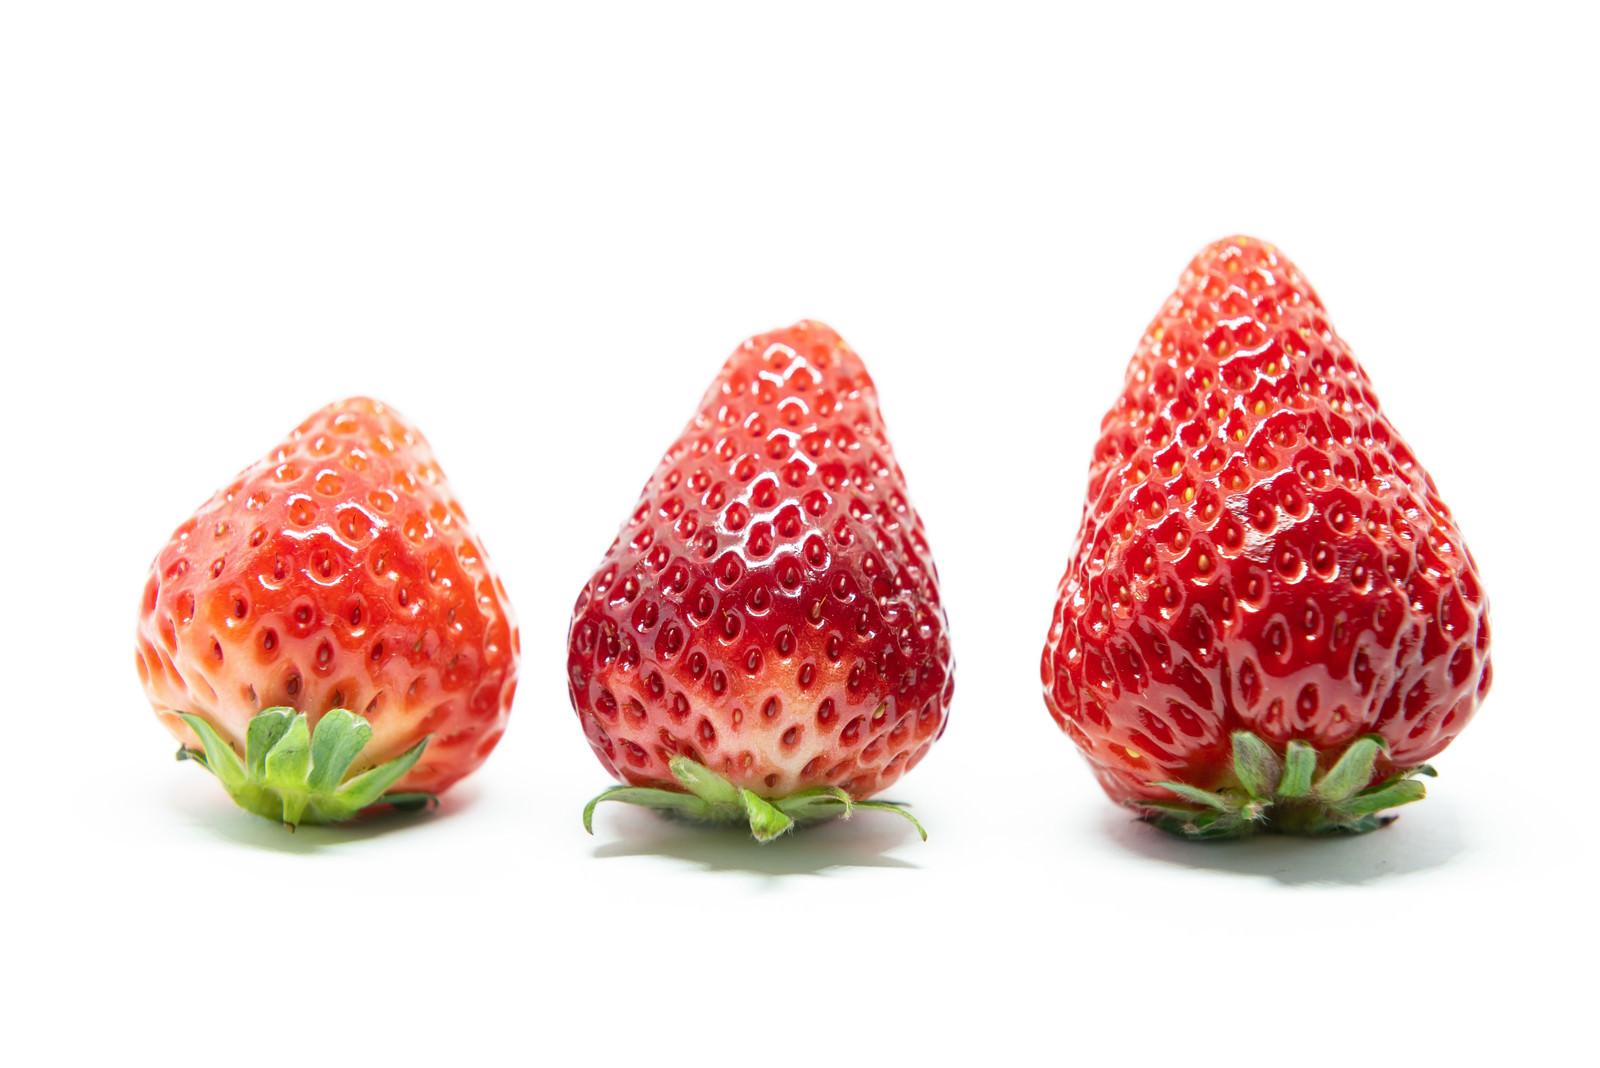 「苺のサイズ比較(さがほのか、とちおとめ、紅ほっぺ) | 写真の無料素材・フリー素材 - ぱくたそ」の写真